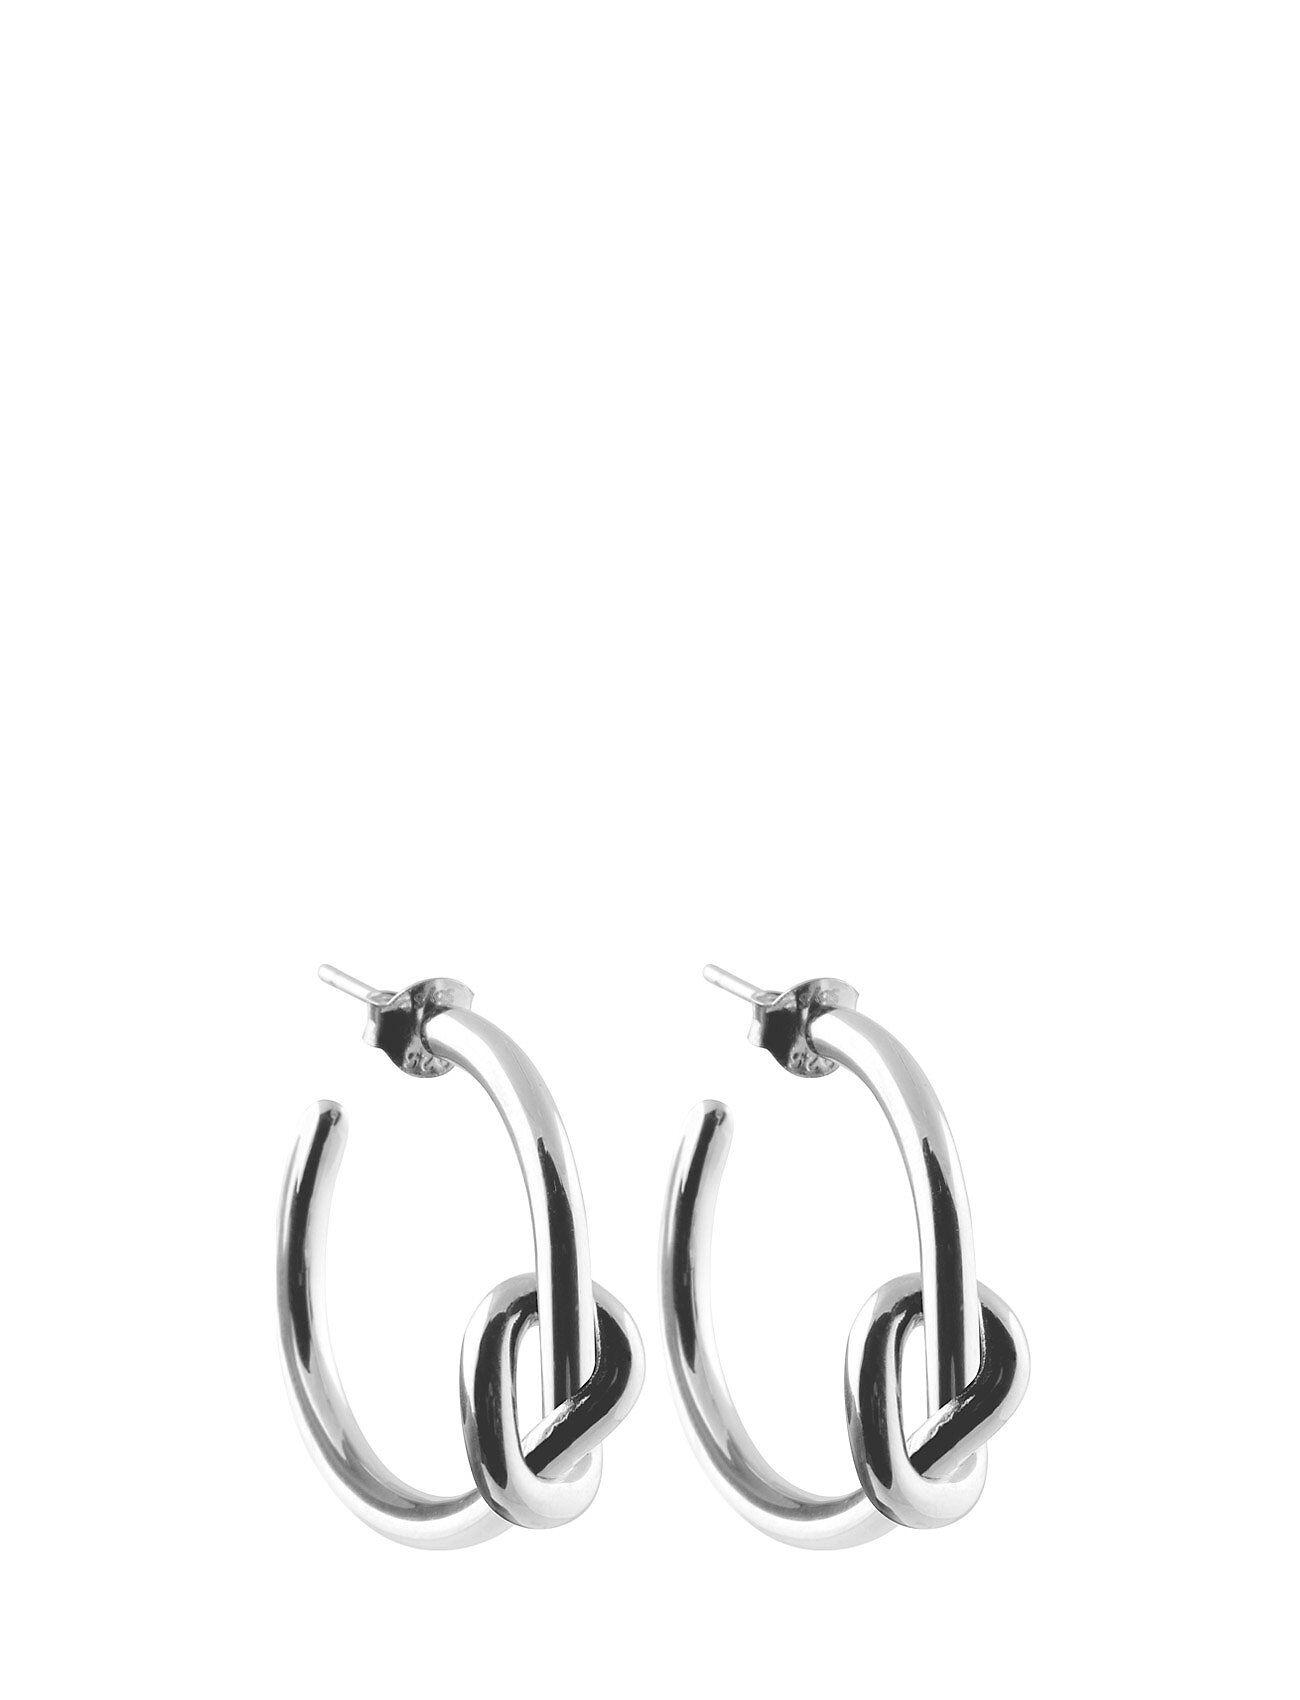 SOPHIE by SOPHIE Knot Hoops Accessories Jewellery Earrings Hoops Hopea SOPHIE By SOPHIE